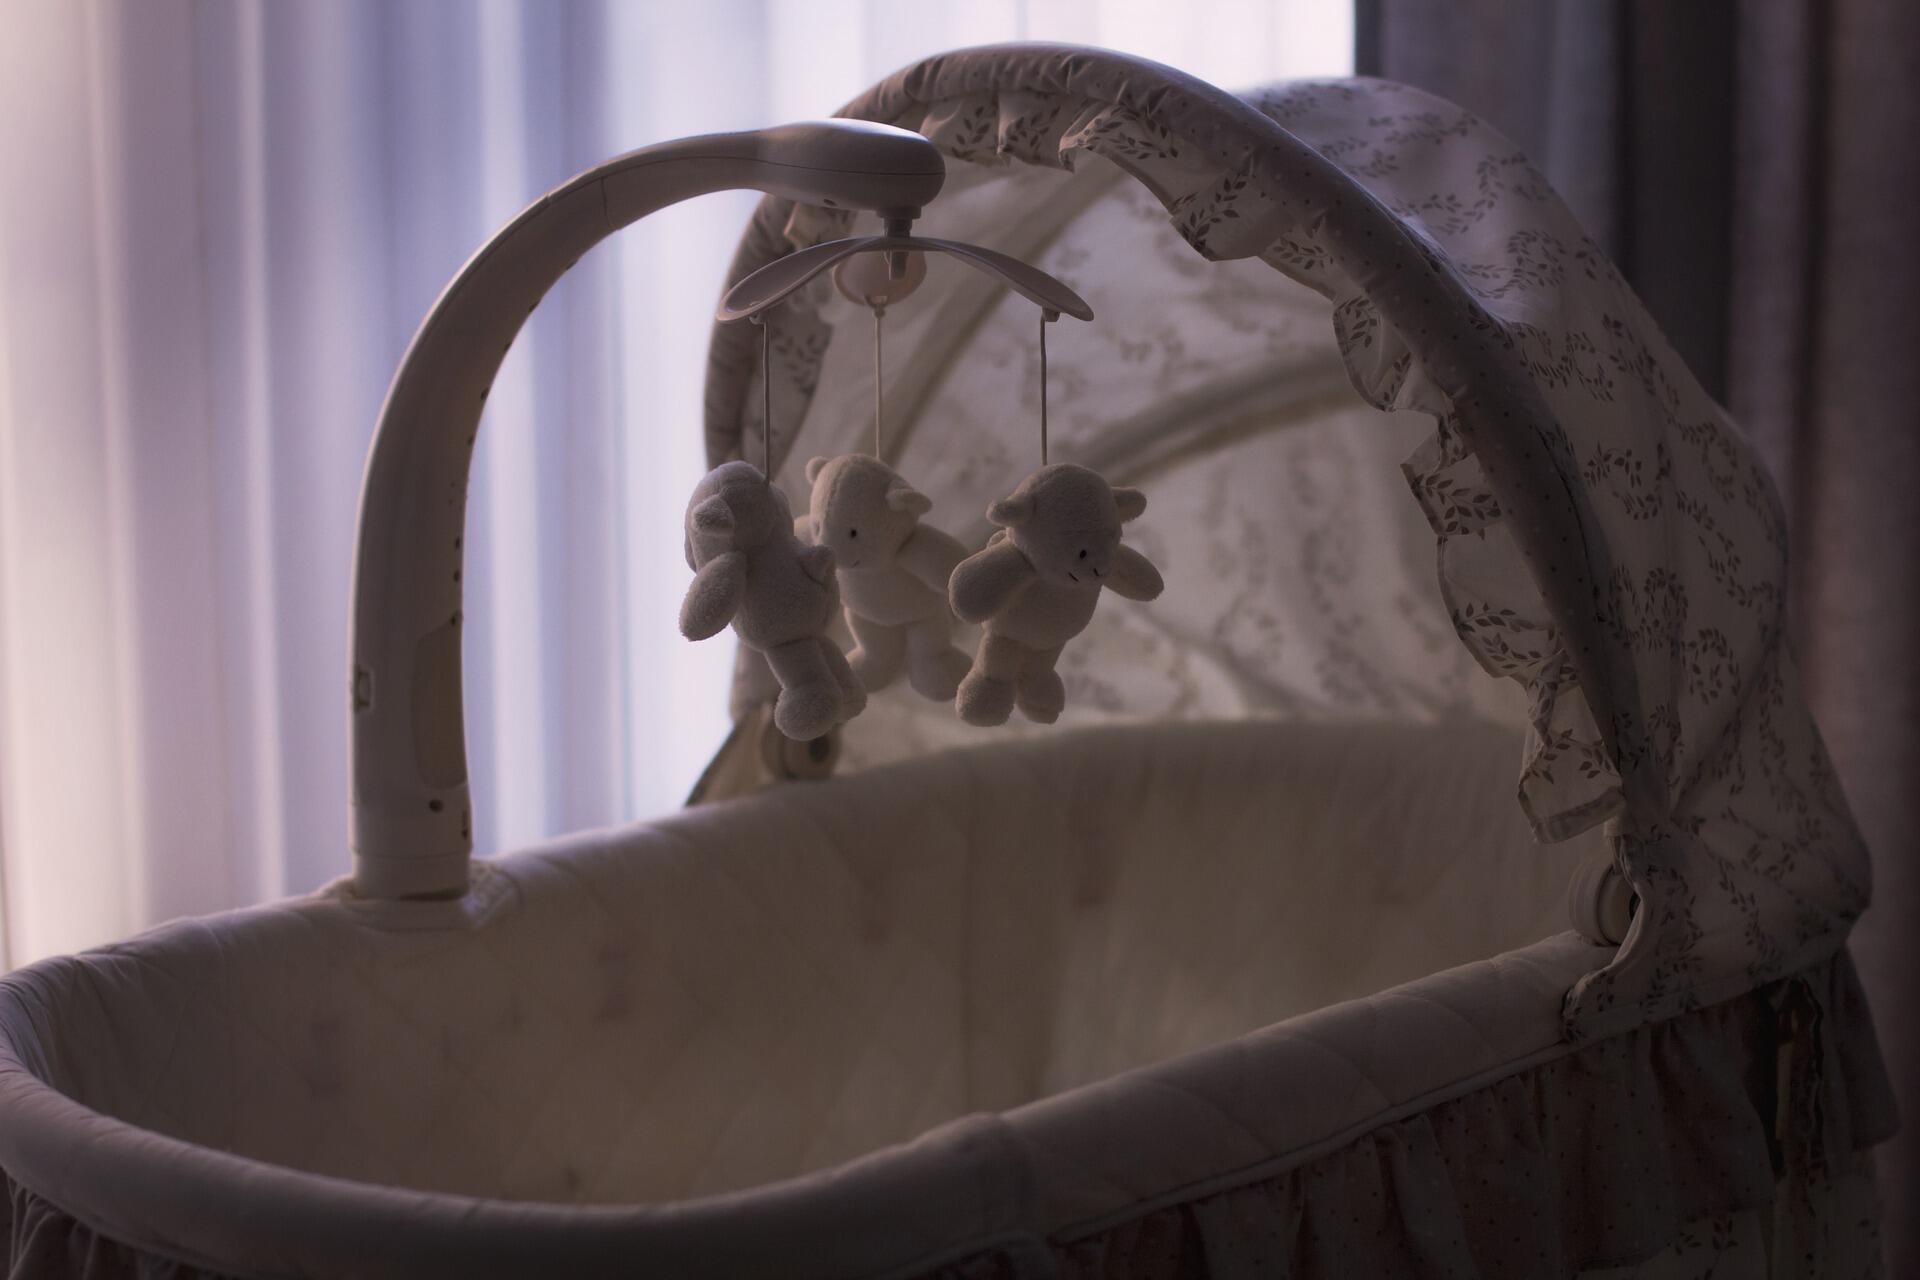 En Afrique du Sud, les pères bénéficient désormais de 10 jours de congé paternité.